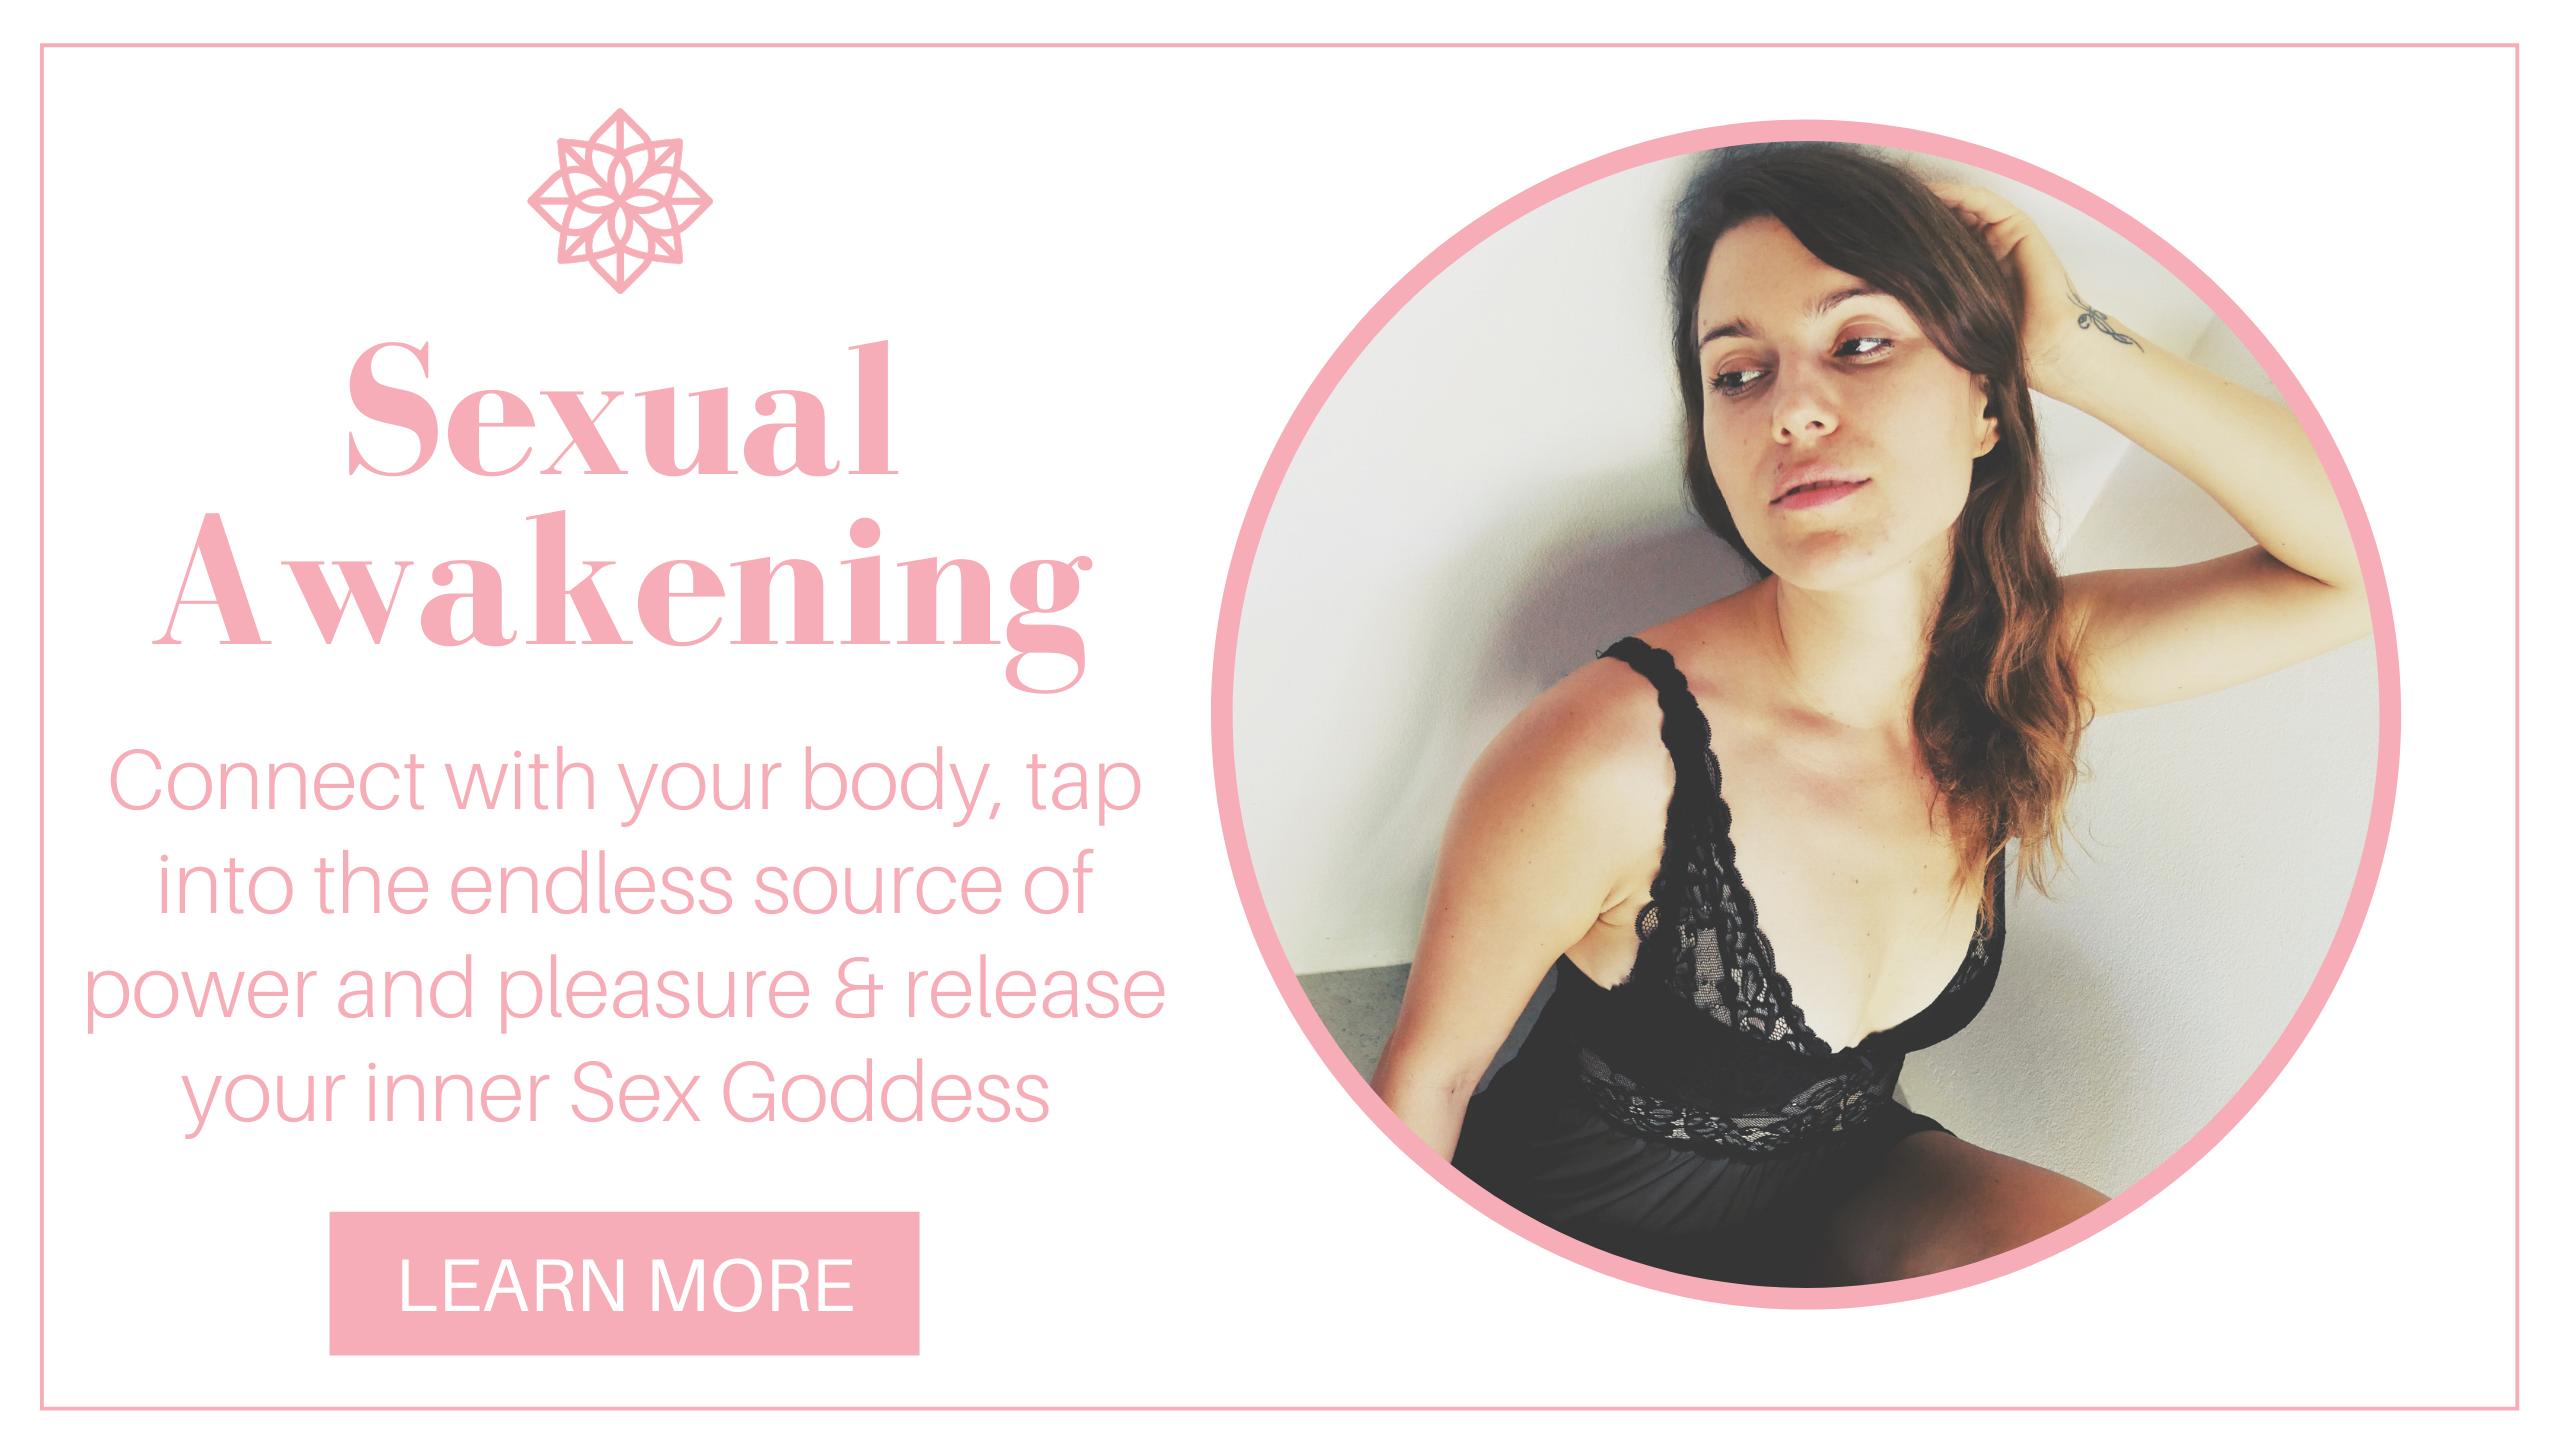 Sexual Awakening for Women - Online Program